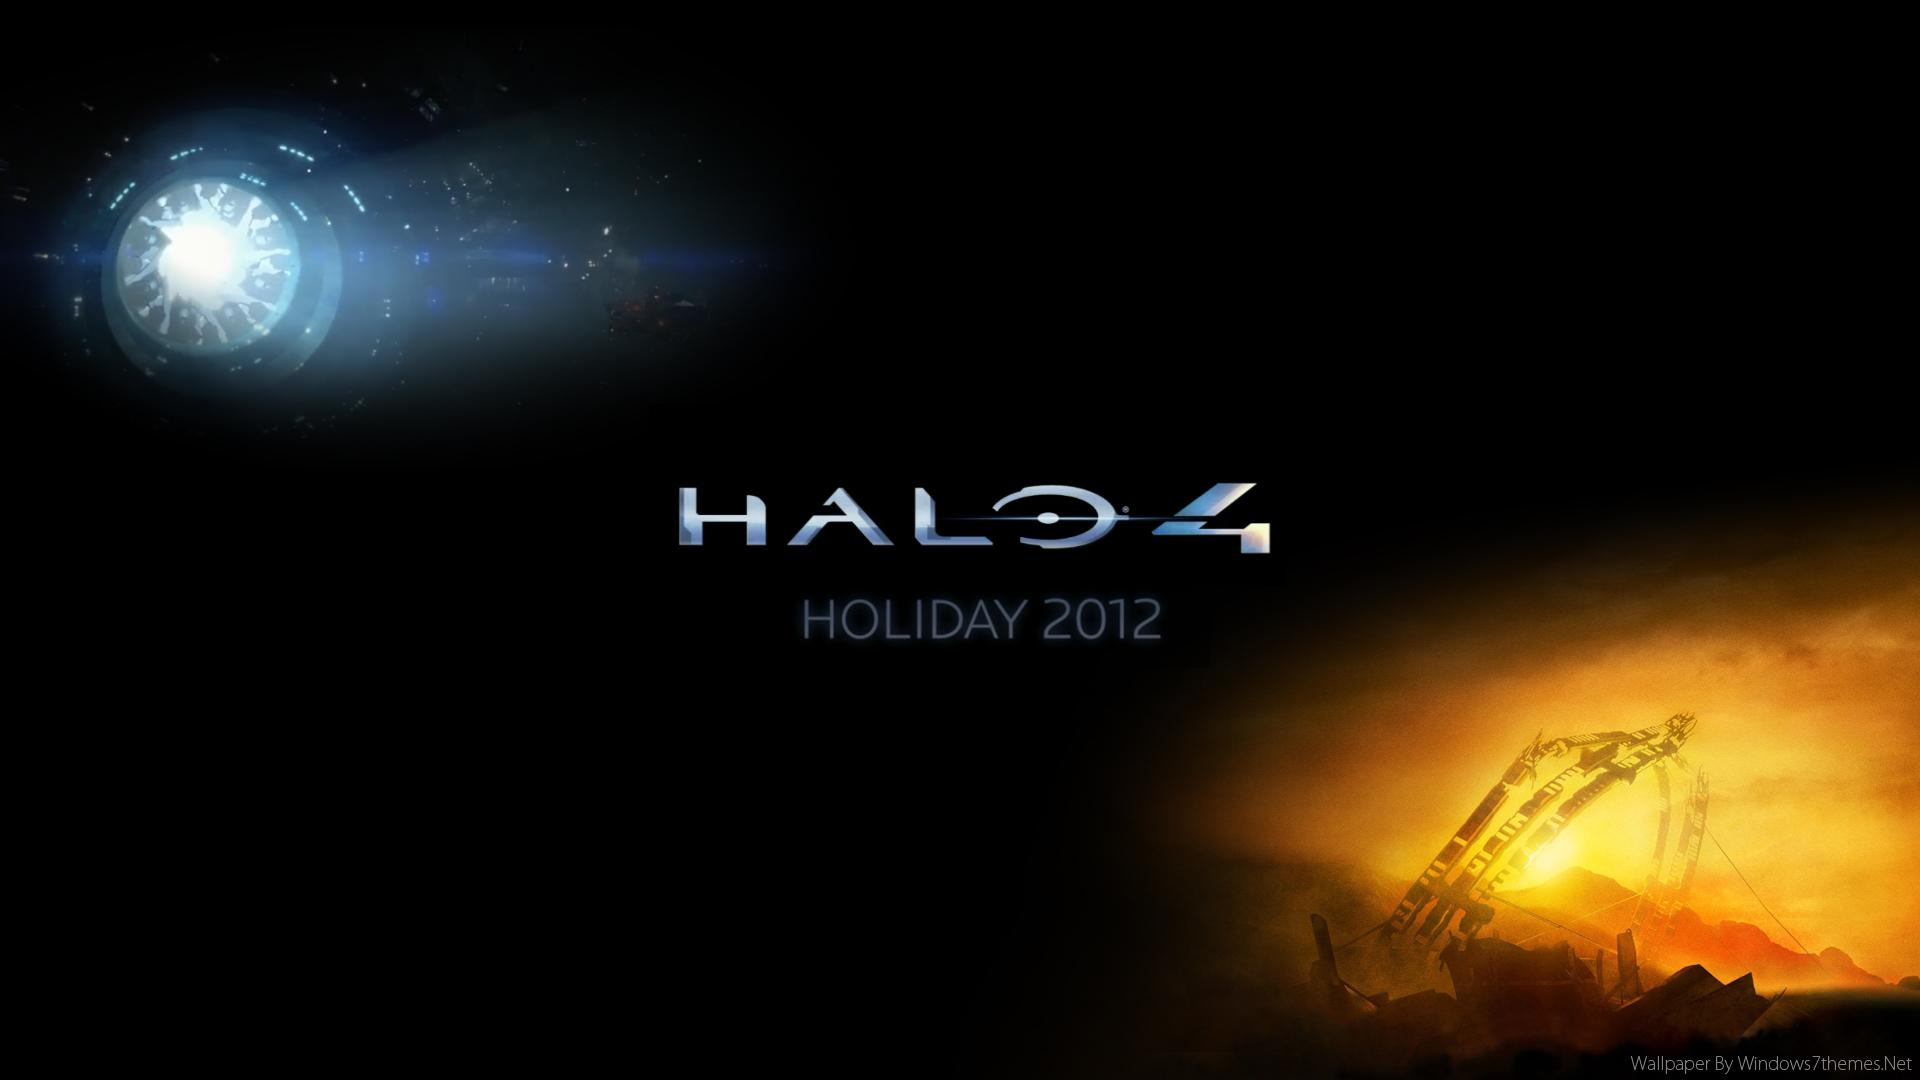 halo 4 – holiday 2012